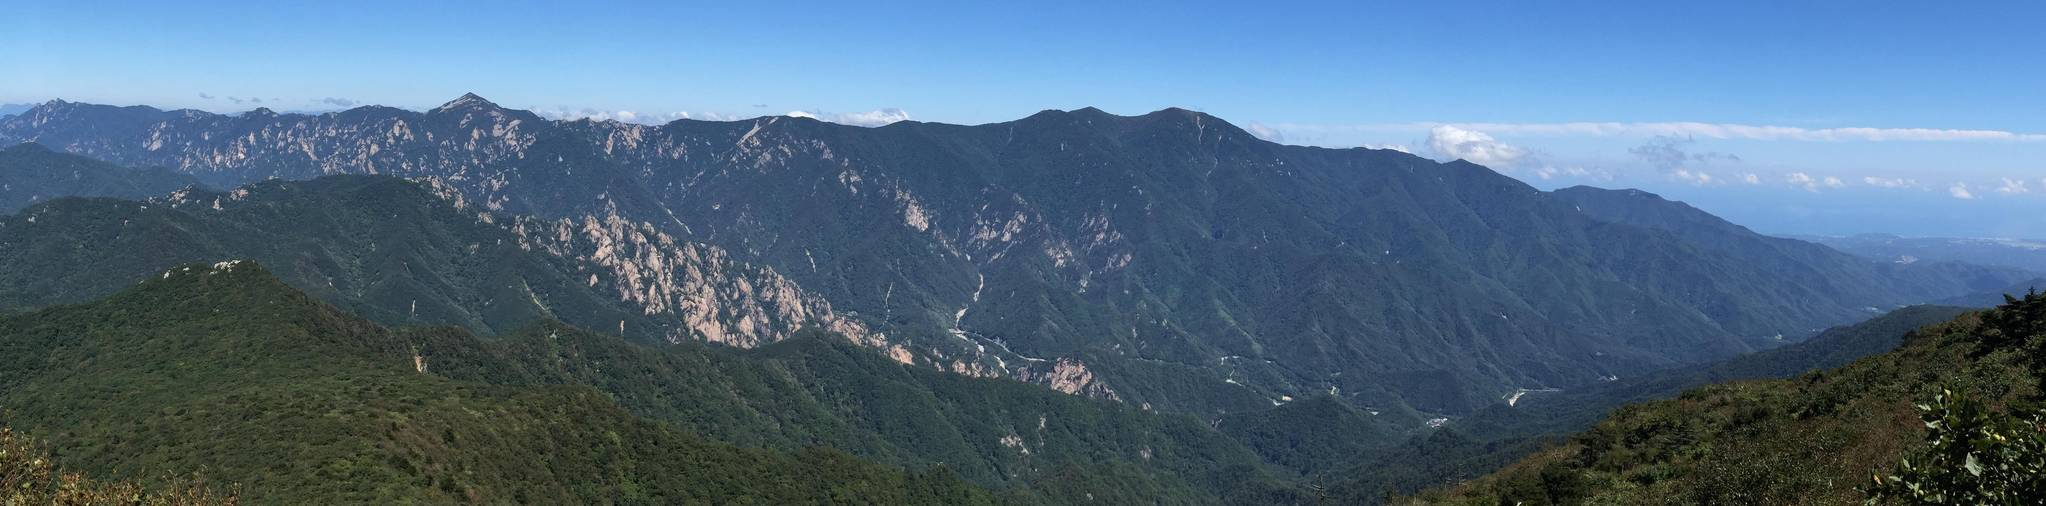 백두대간의 장엄한 모습. 강원도 인제 점봉산에서 바라본 설악산의 모습이다. [사진 녹색연합]